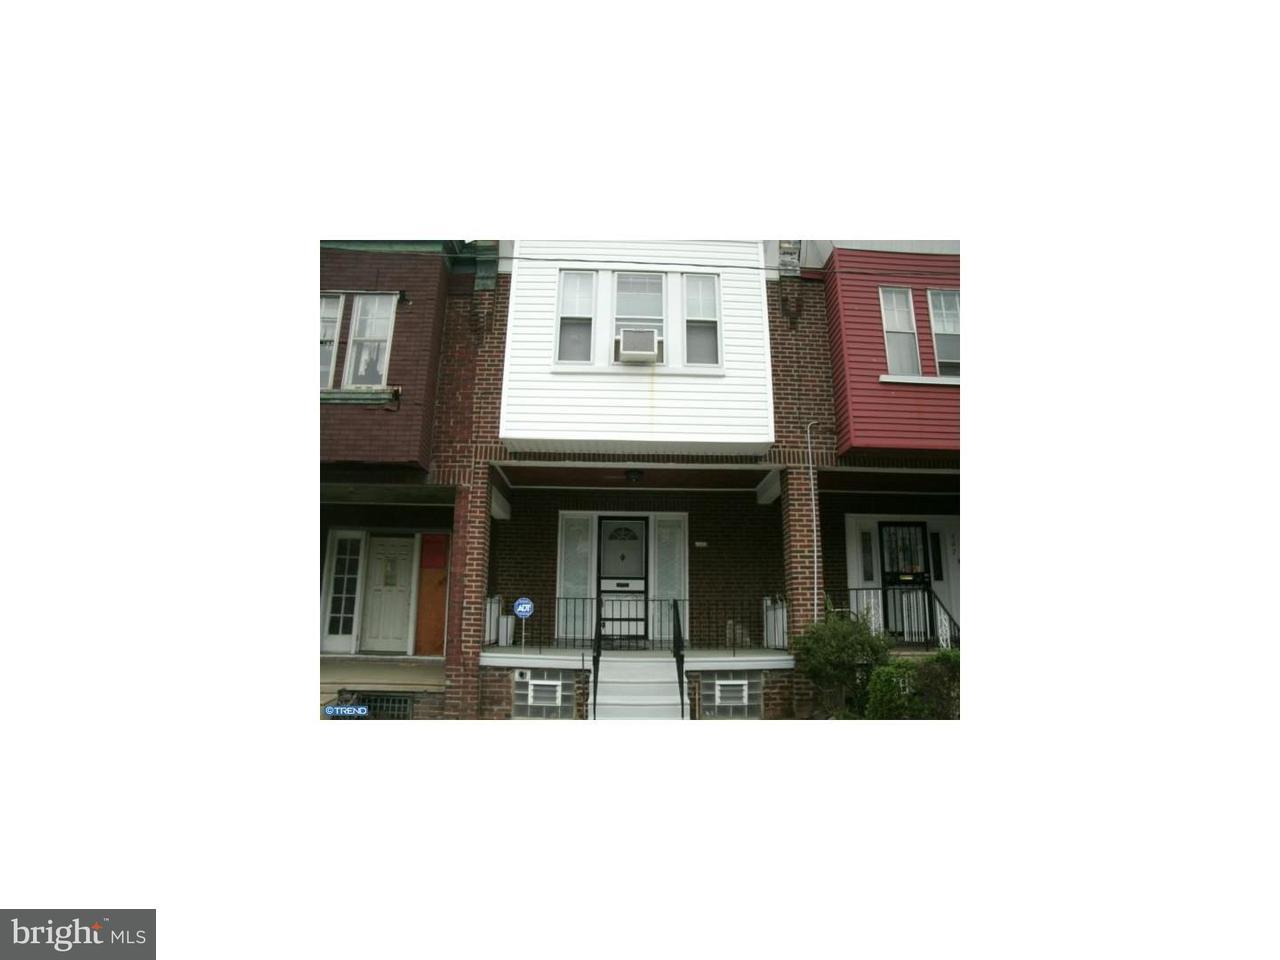 505 E Ashmead Street Philadelphia, PA 19144